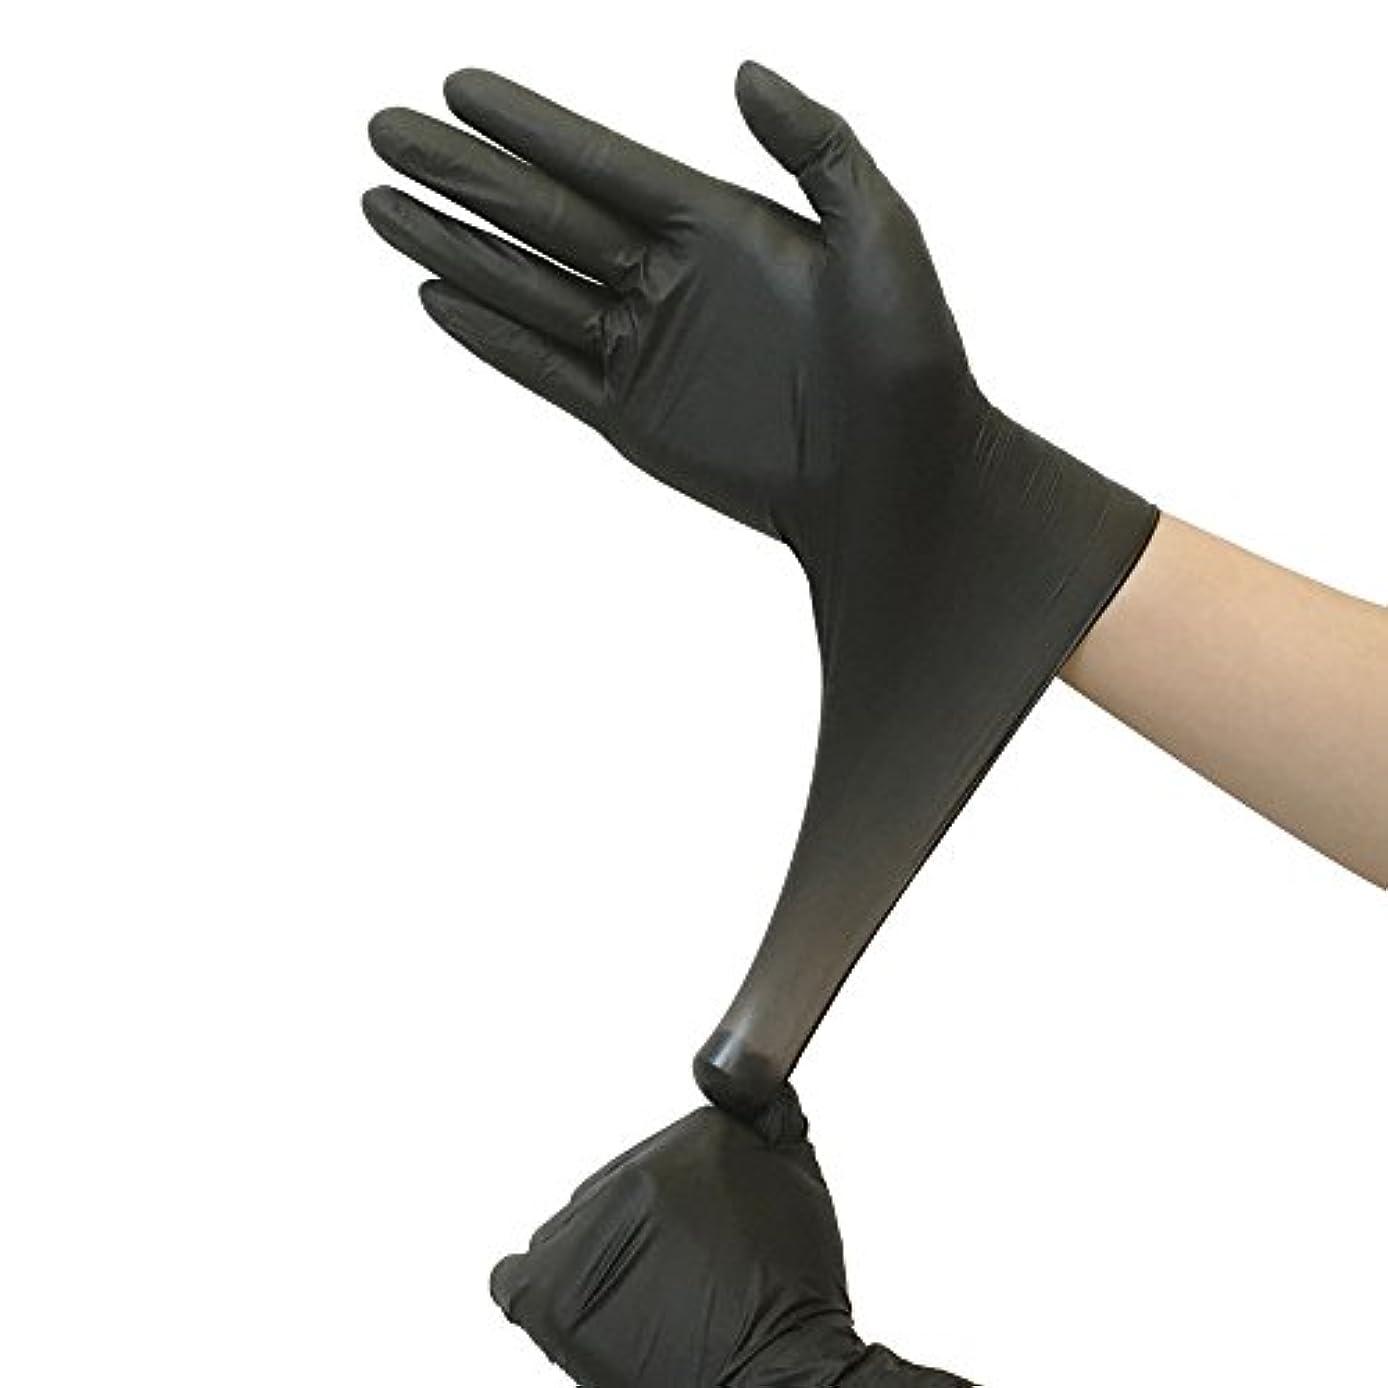 昆虫活力境界ニトリル手袋  使い捨て手袋 粉なし 100枚入 ブラック